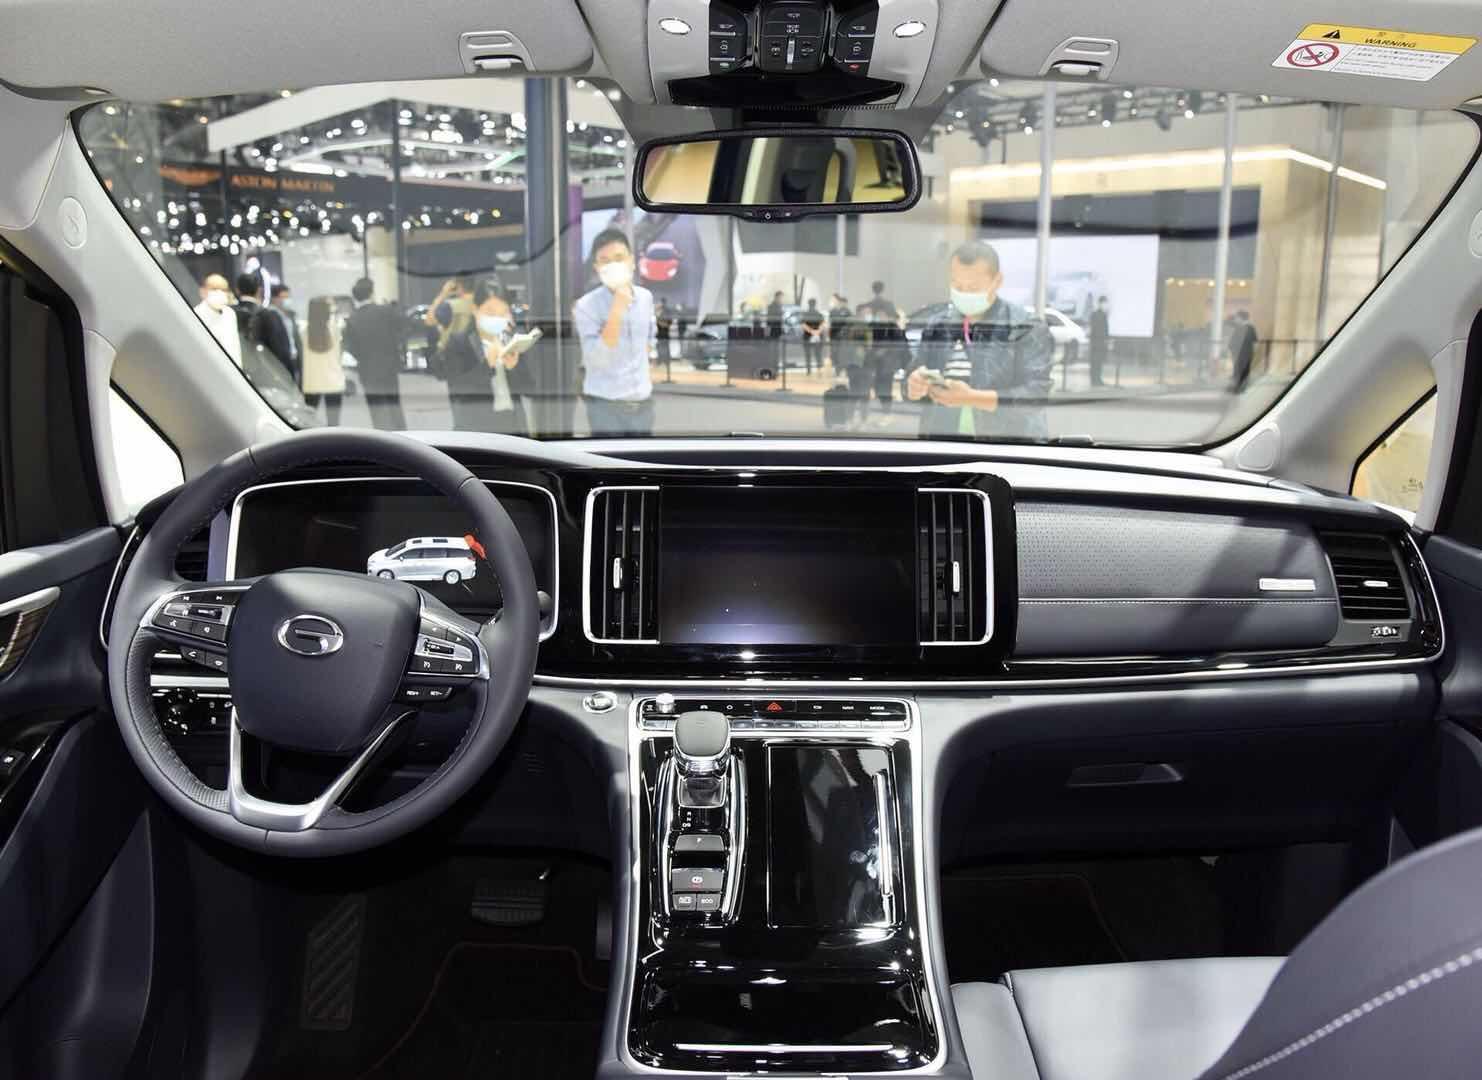 中国人买中国车—全新上市自主20万级MPV,舒适稳重且精致